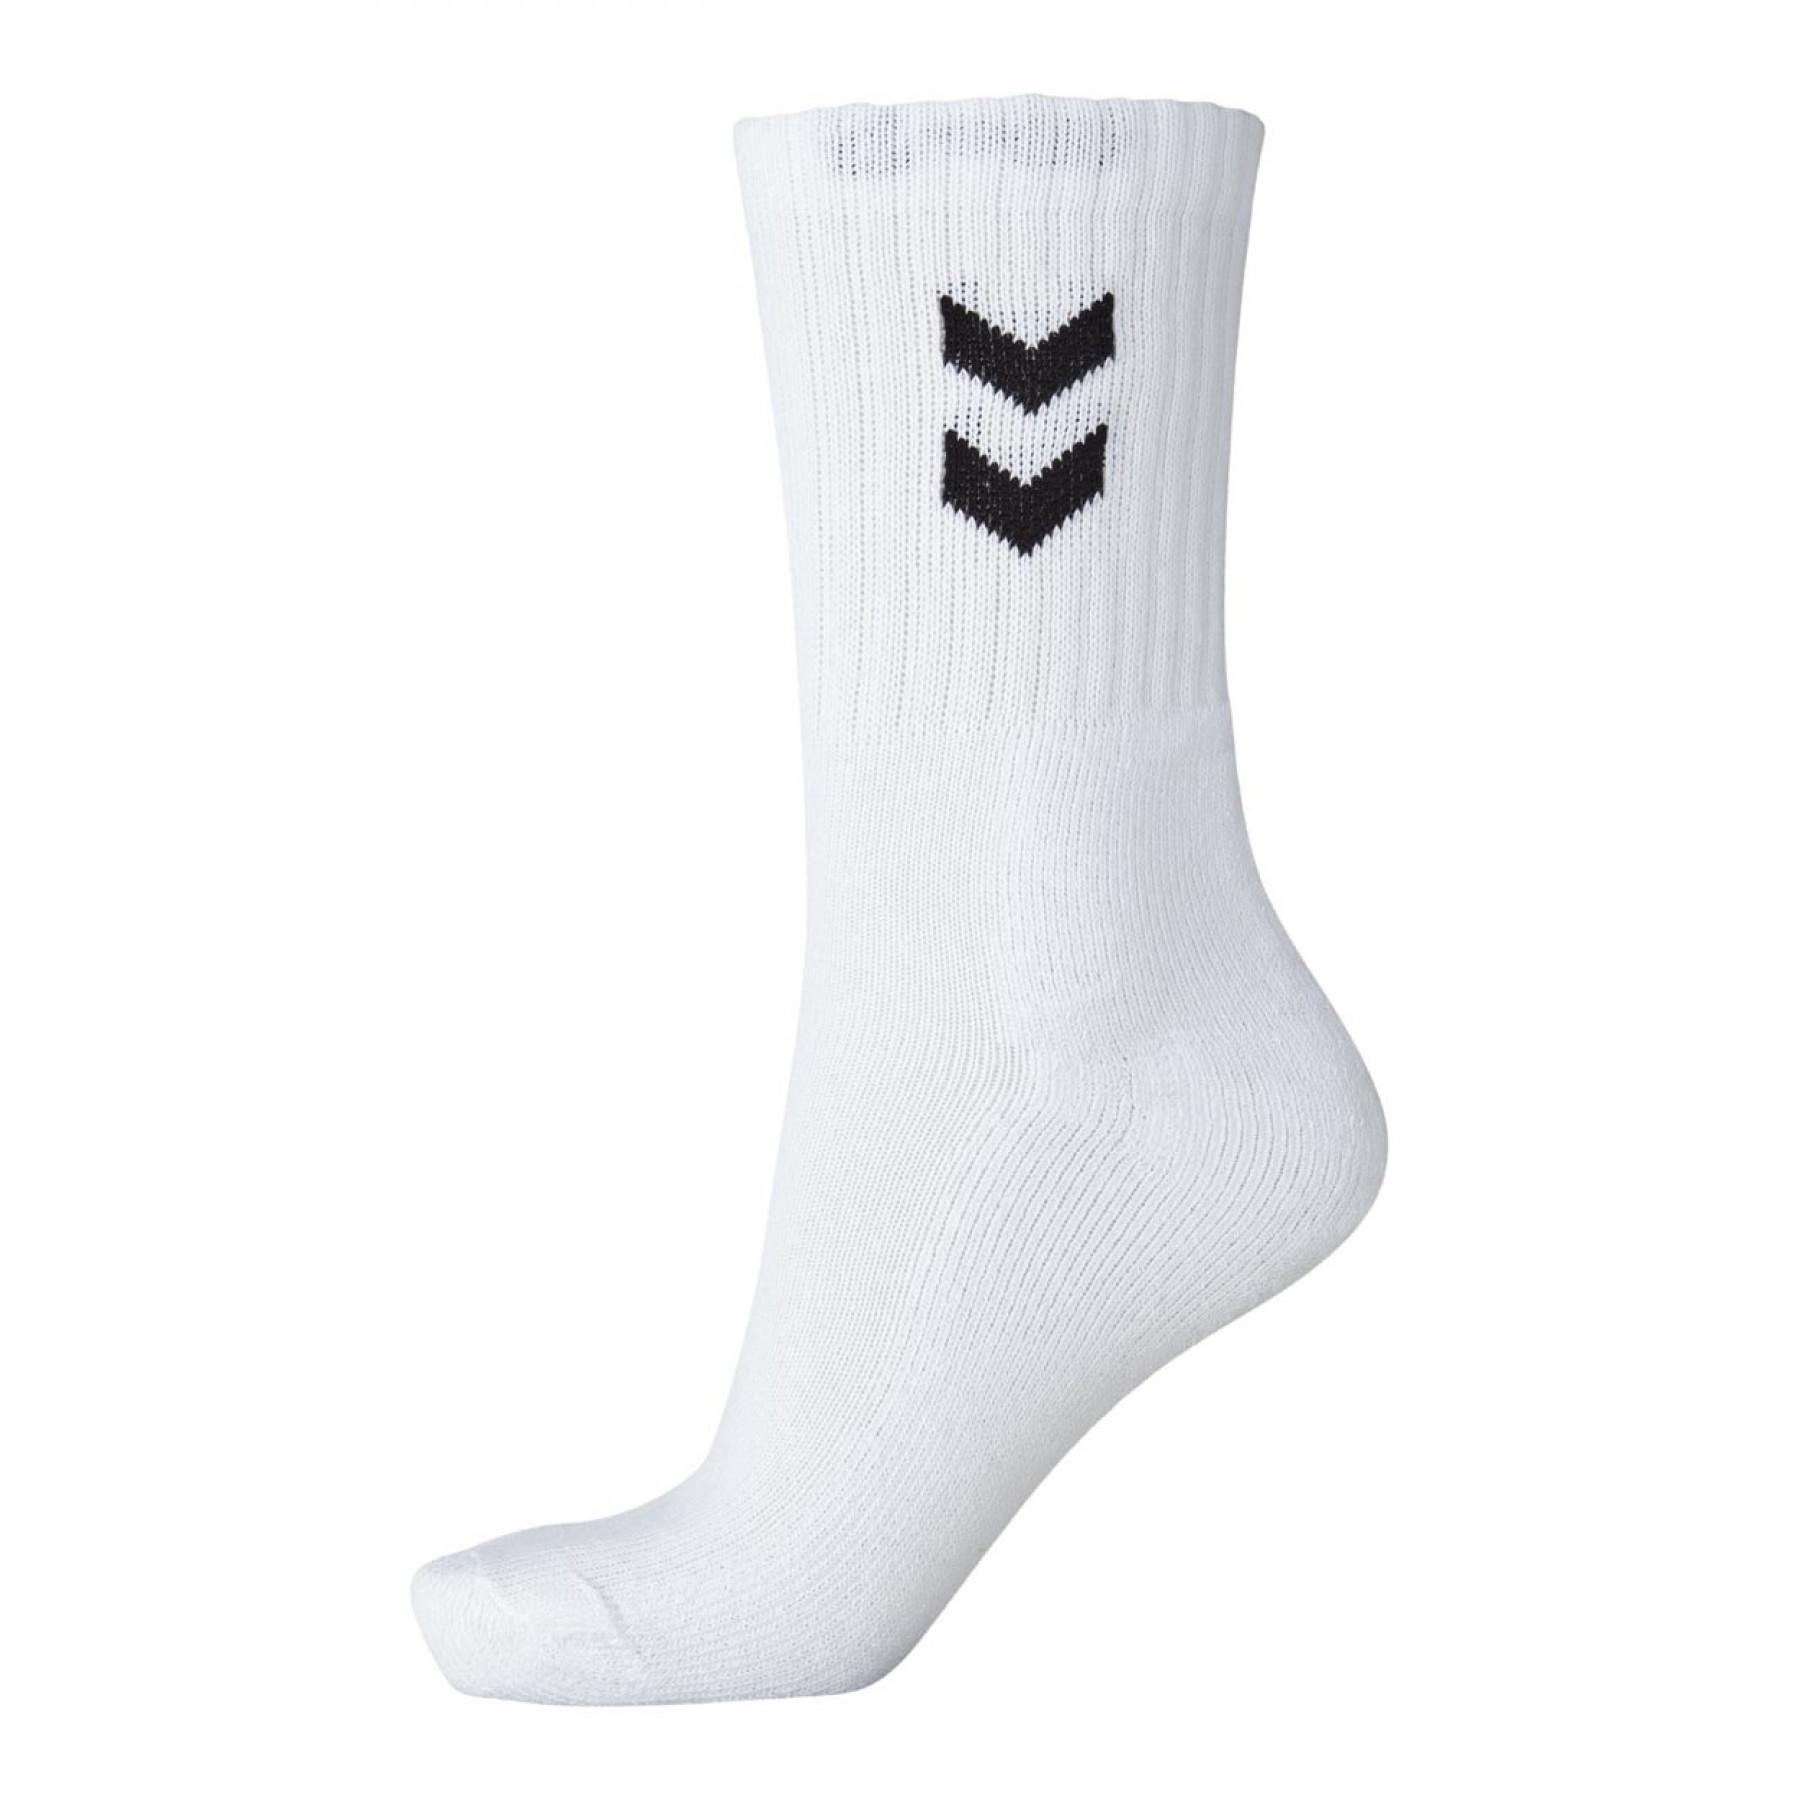 3er-Satz Hummel Basic Socken